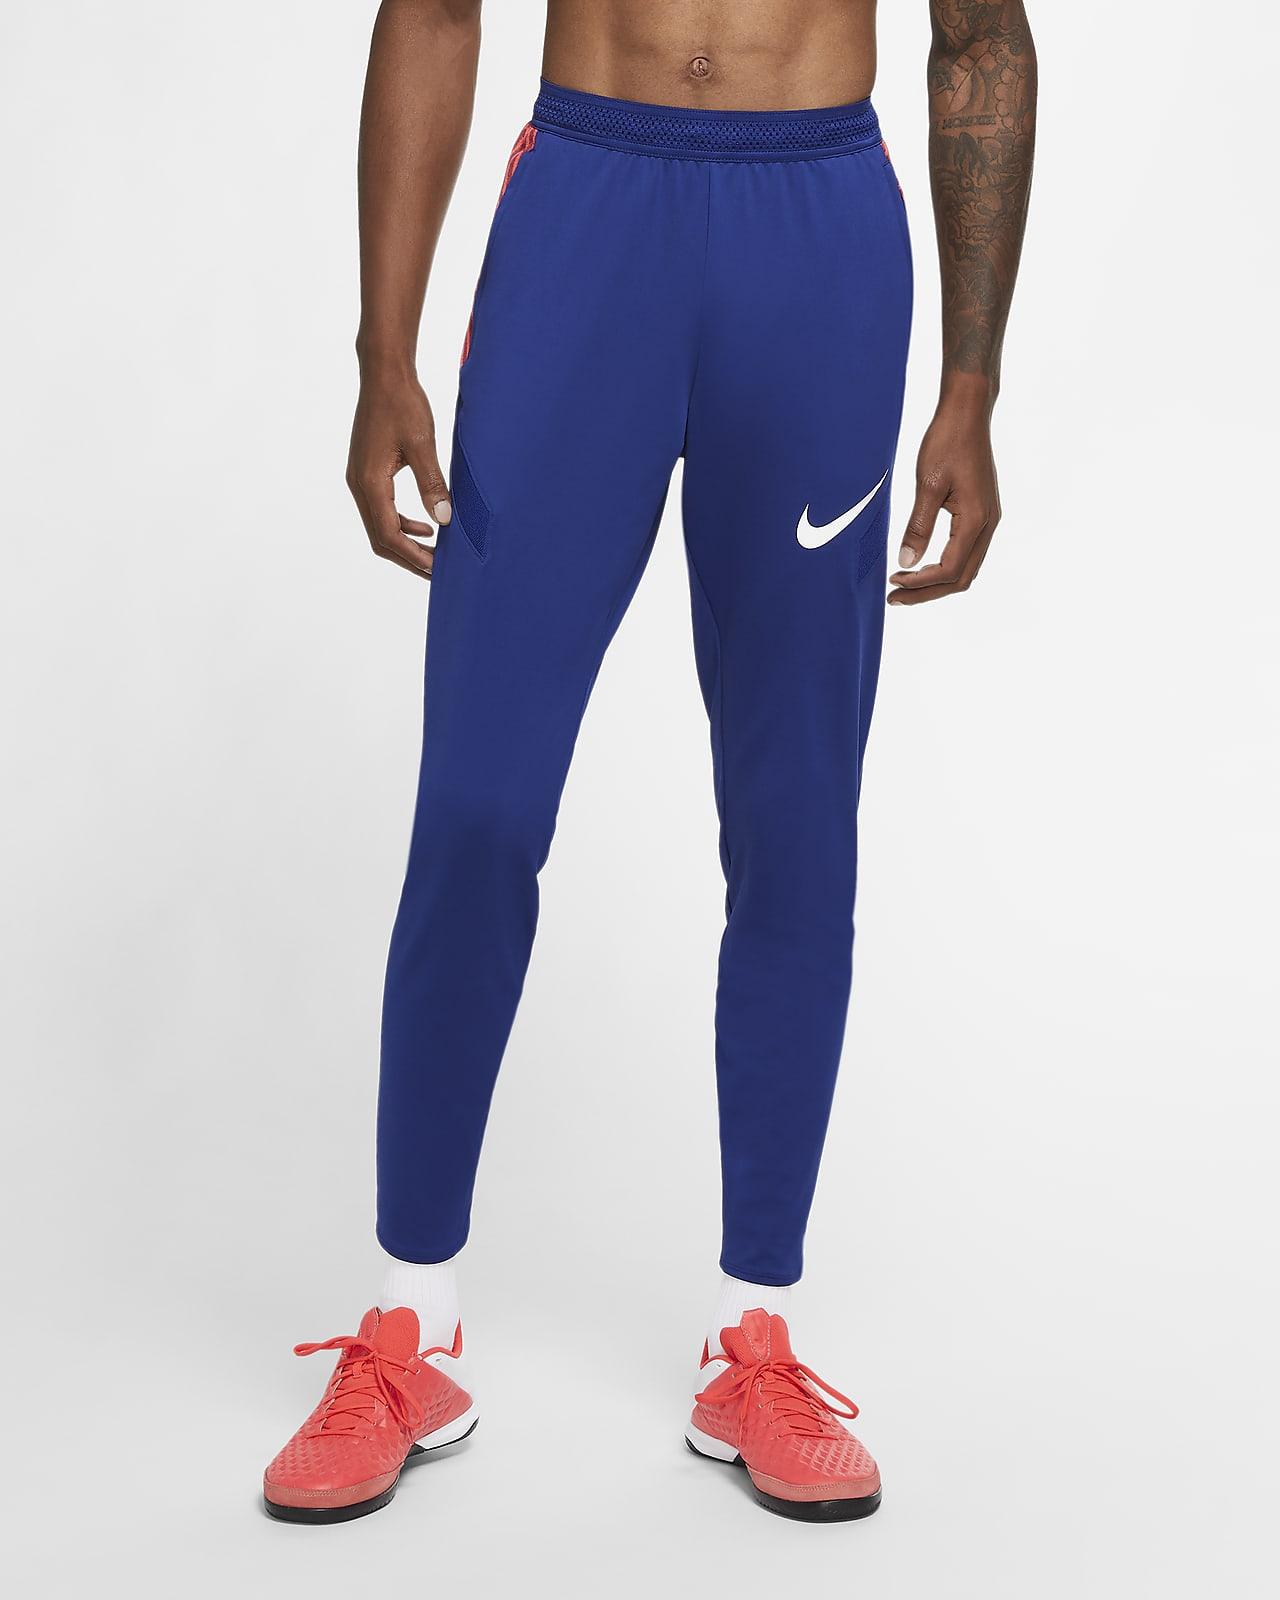 Fotbollsbyxor Nike Dri-FIT Strike för män